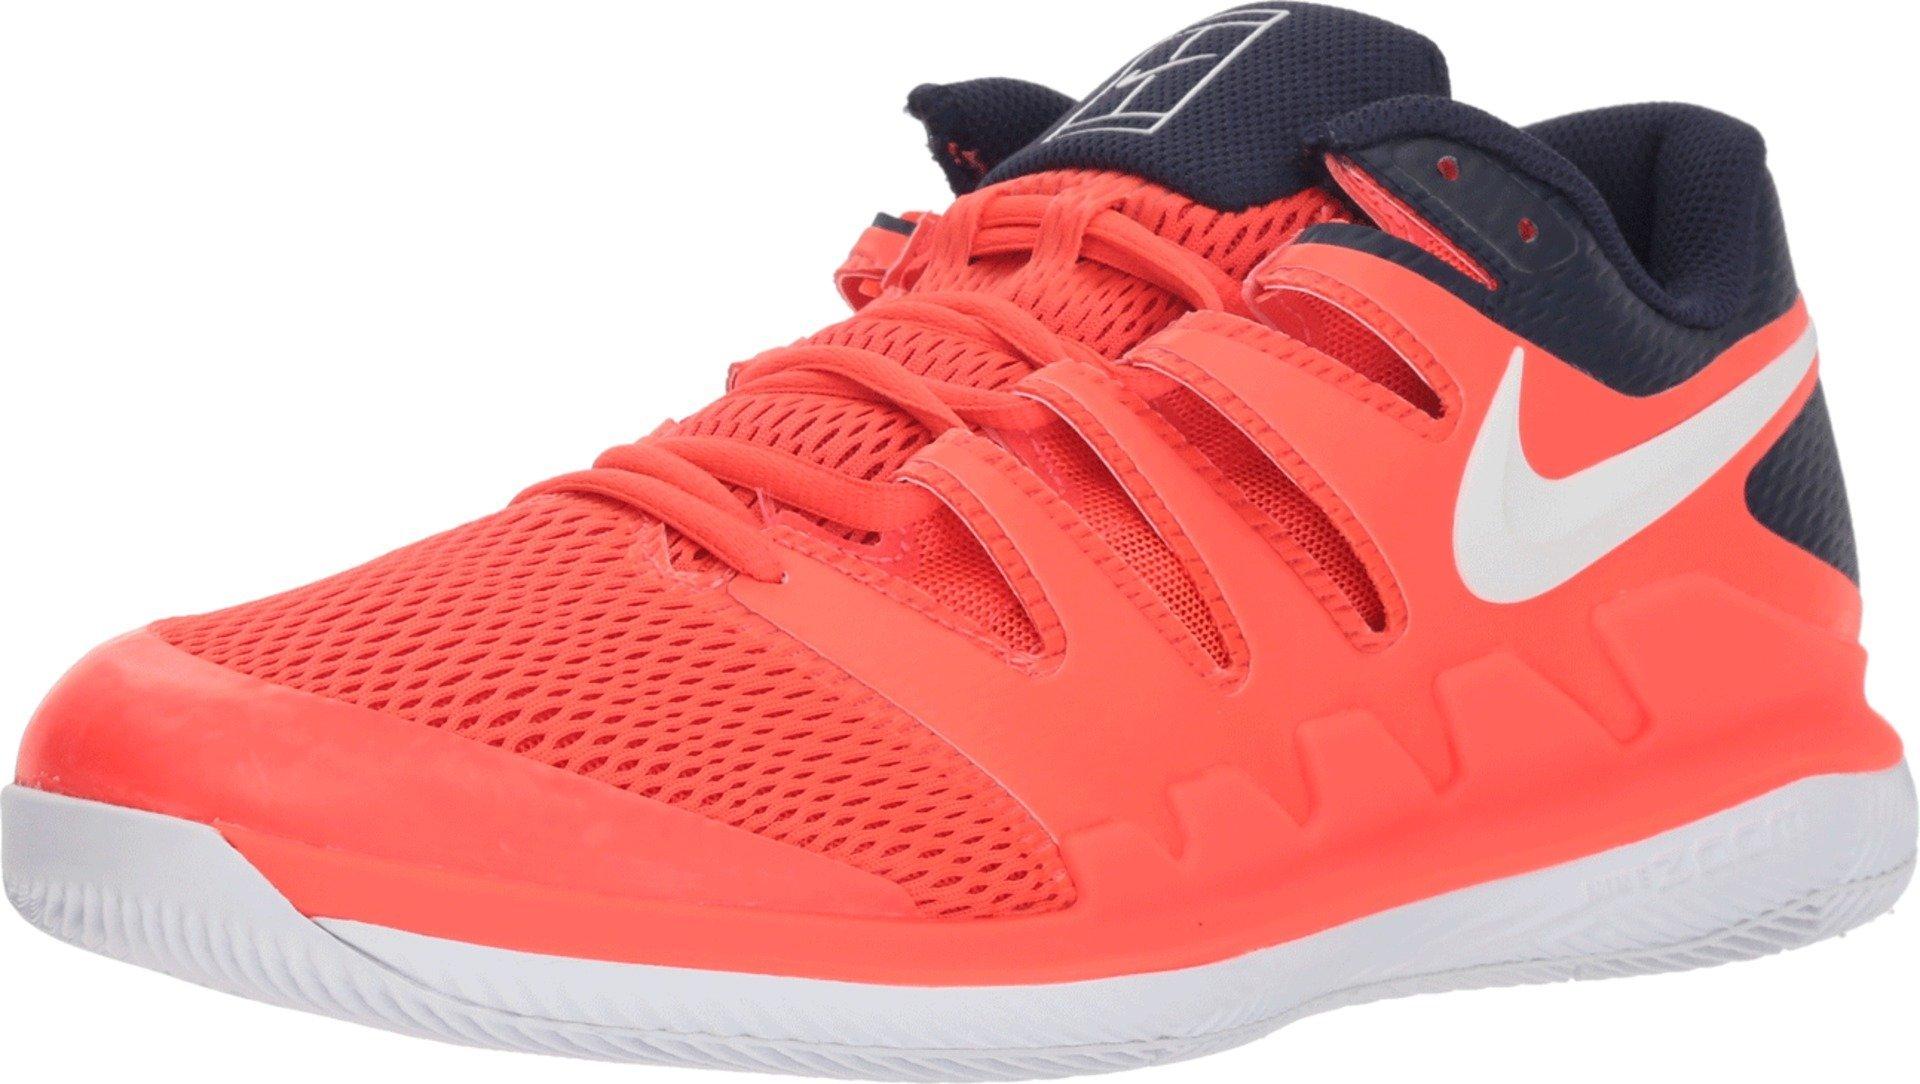 5af0188b44ce Galleon - NIKE Men s Zoom Vapor X Tennis Shoes (10 M US